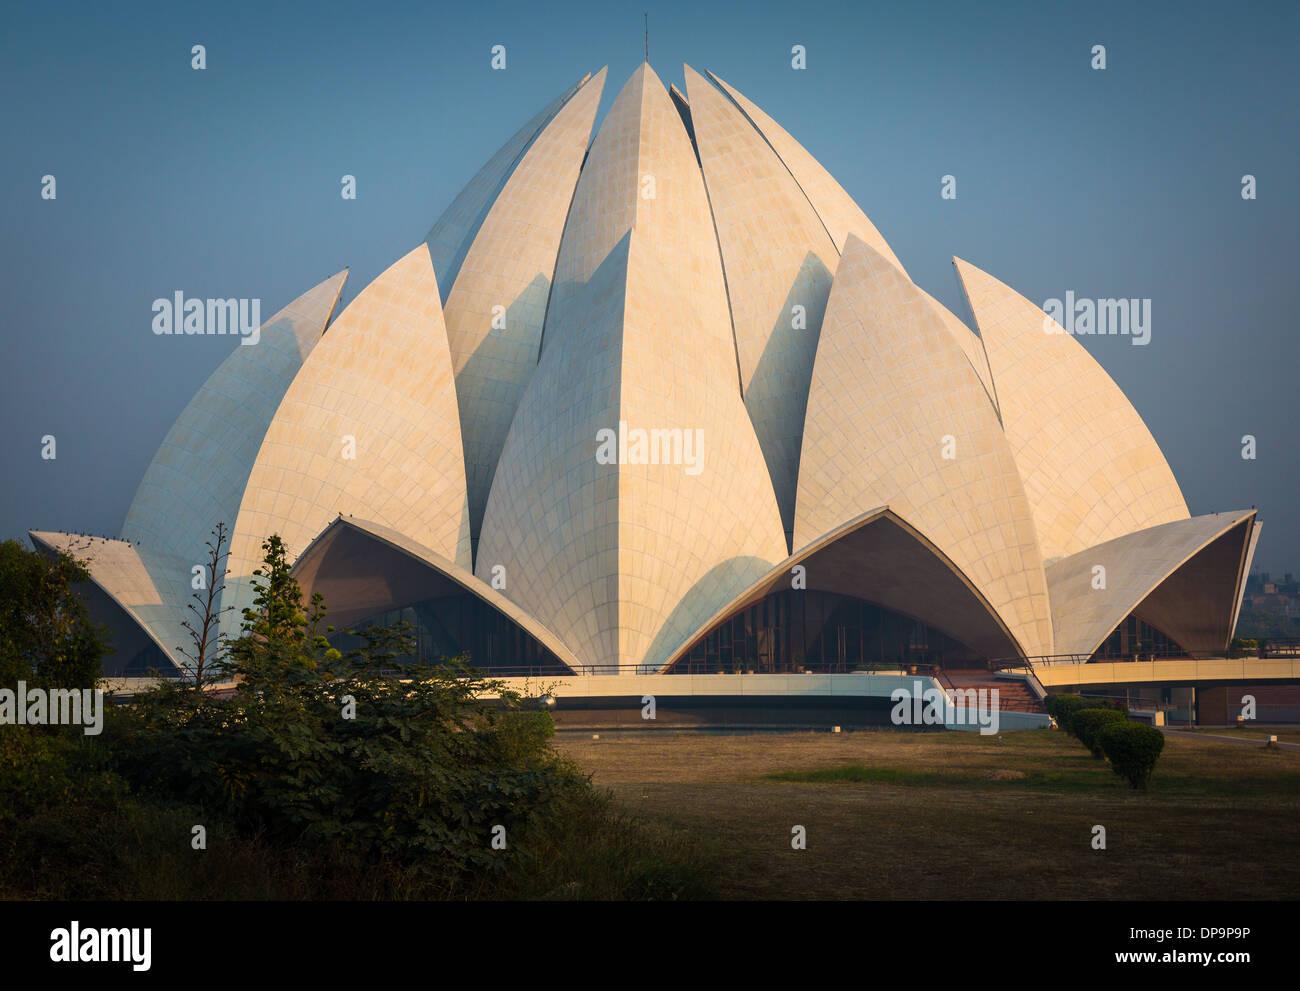 El Templo del Loto, ubicado en Nueva Delhi, India, es una casa de los Bahá'ís de culto Imagen De Stock